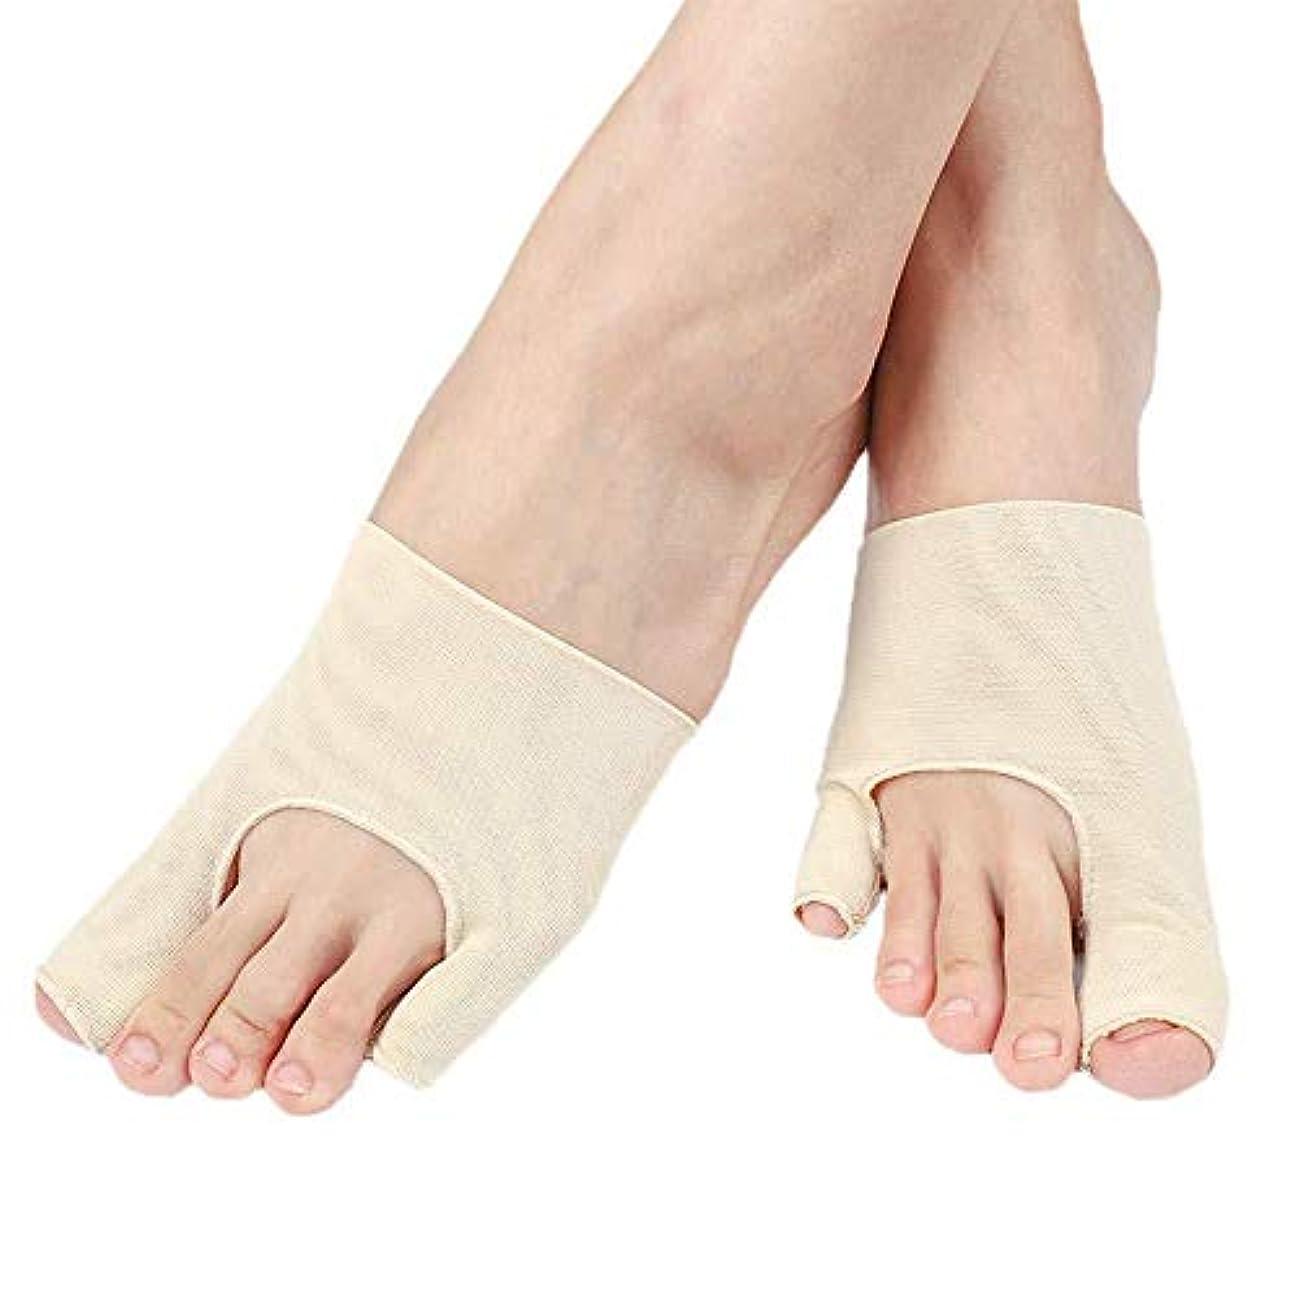 ブルームミリメートルメロディアスつま先セパレーター、Orthoticsの足の親指の矯正、つま先の痛み緩和スリーブ、外反母painの痛みを緩和するための組み込みシリコンゲルパッド,L